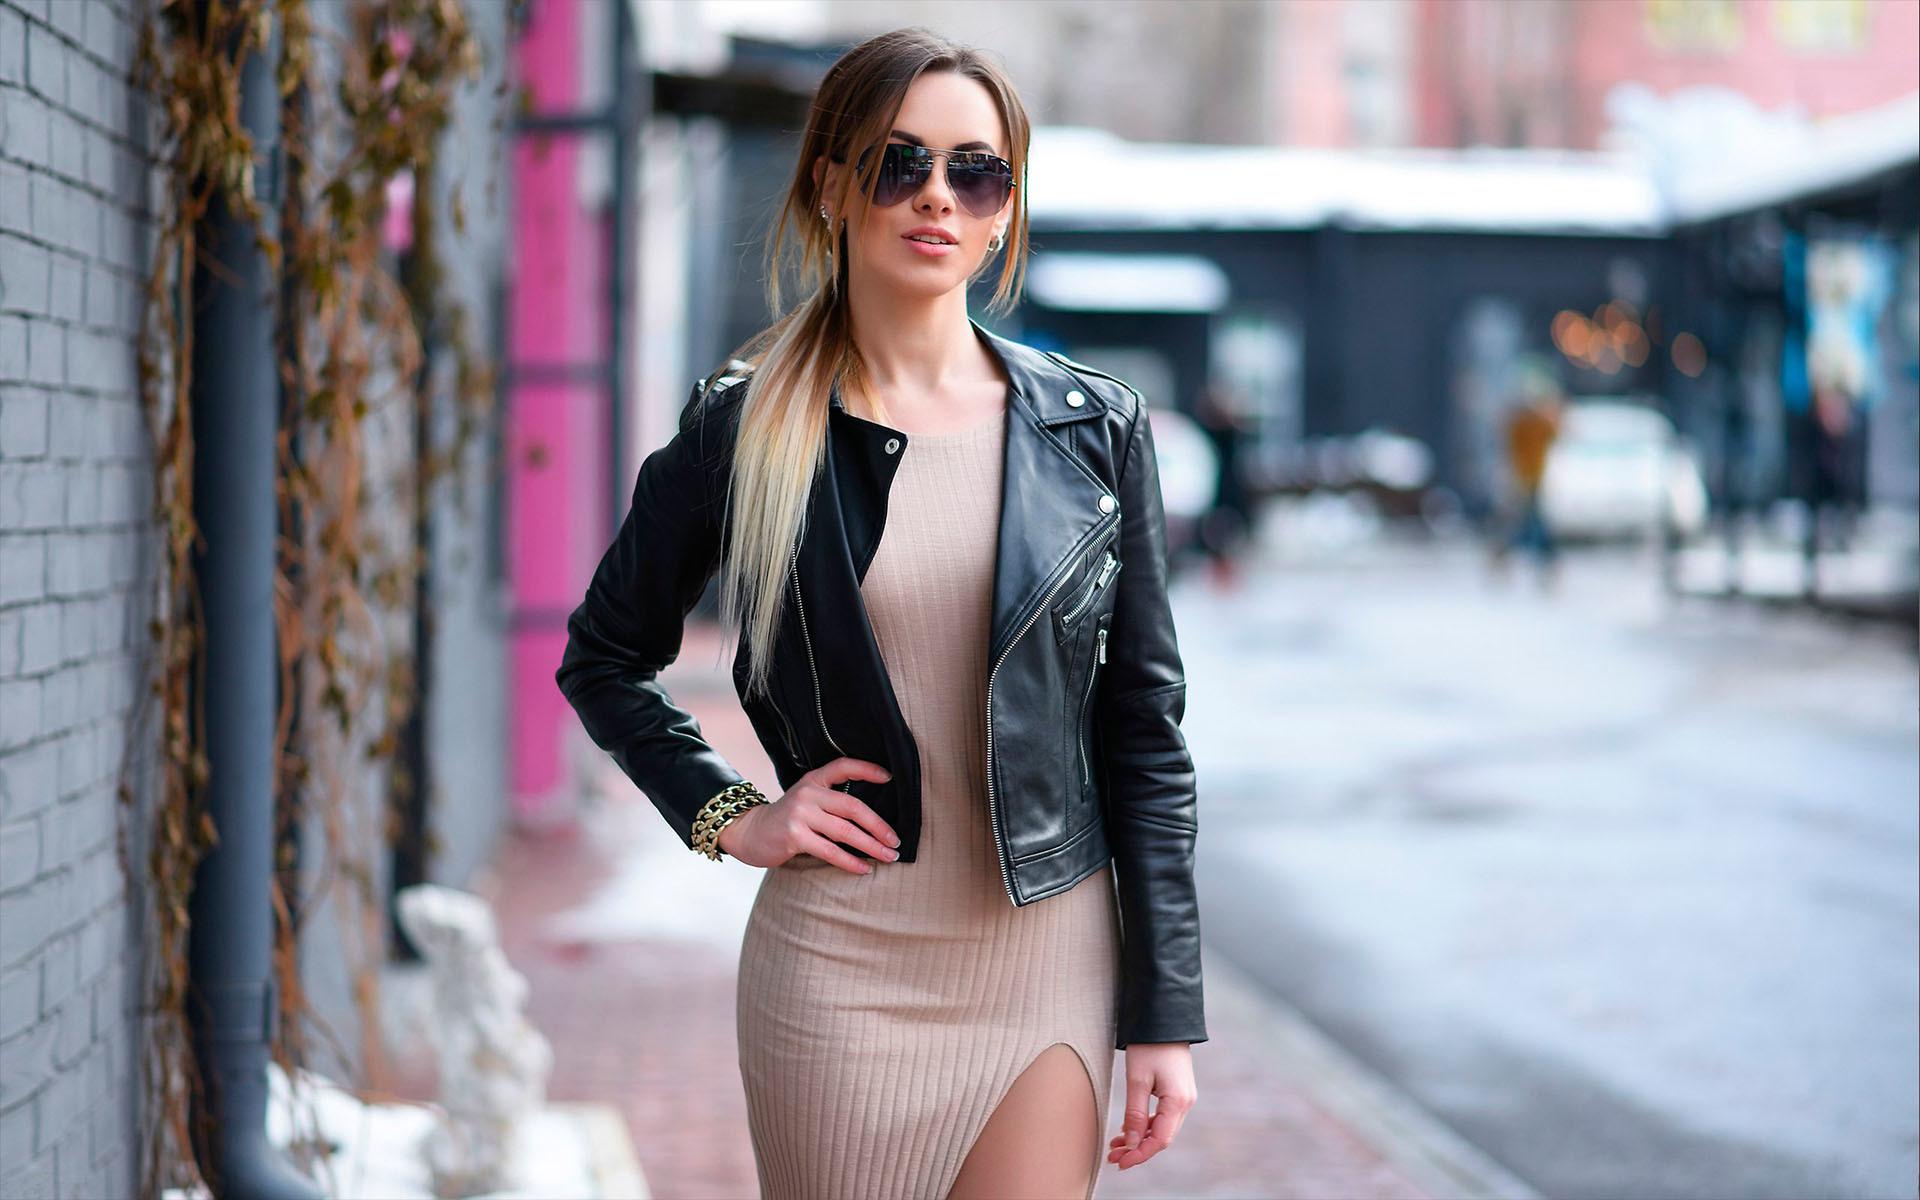 Картинка: Девушка, длинные волосы, кожаная куртка, косуха, очки, платье, улица